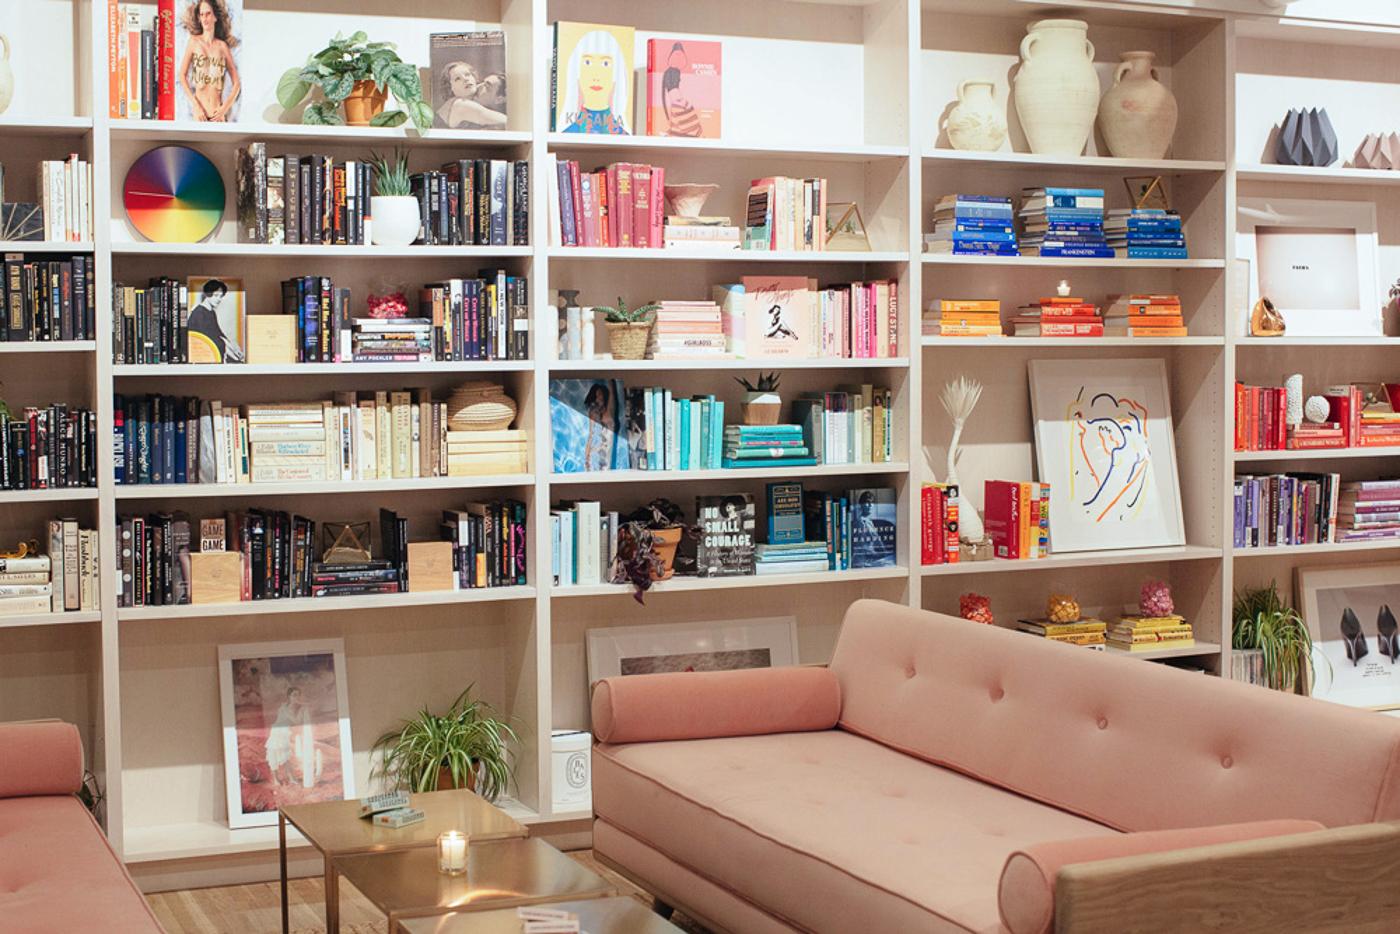 Canapé rose vintage et bibliothèque remplie de livres et poteries à The Wing, espace de coworking à New York